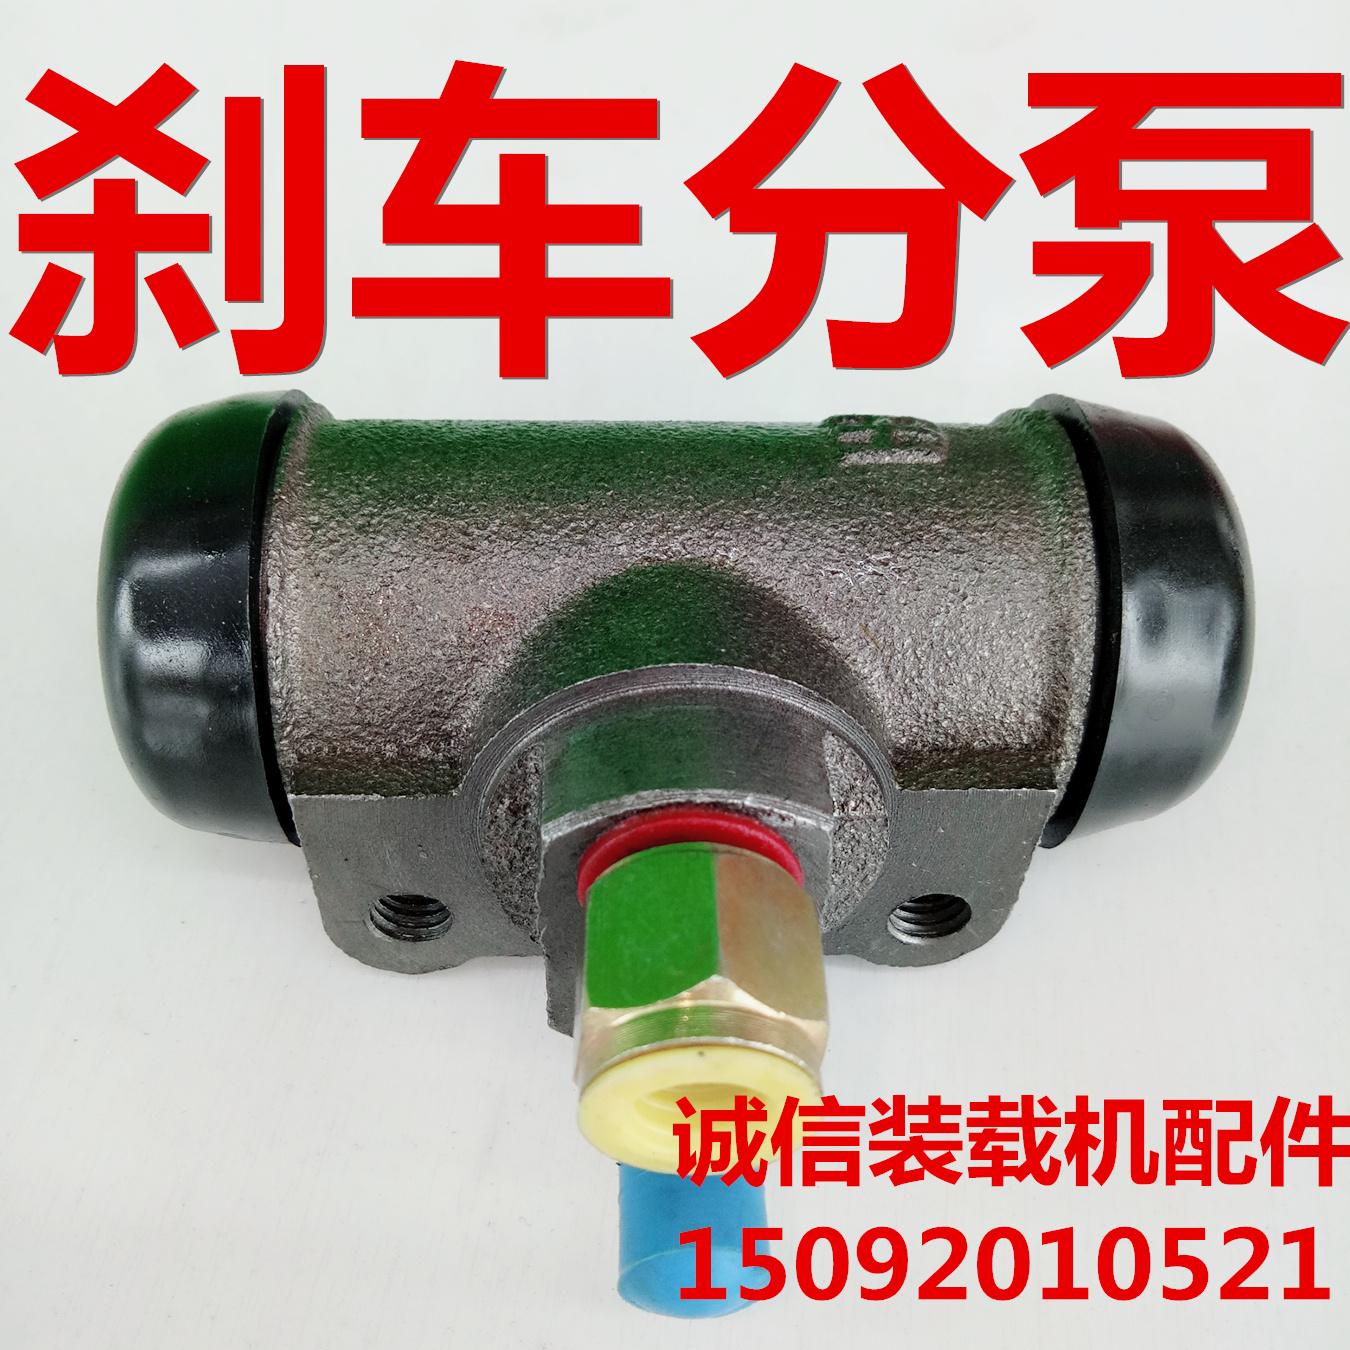 Аксессуары для вилочных погрузчиков тормоз Всего насосов Запчасти для вилочных погрузчиков Тормозные насосы 130 тормоз насос